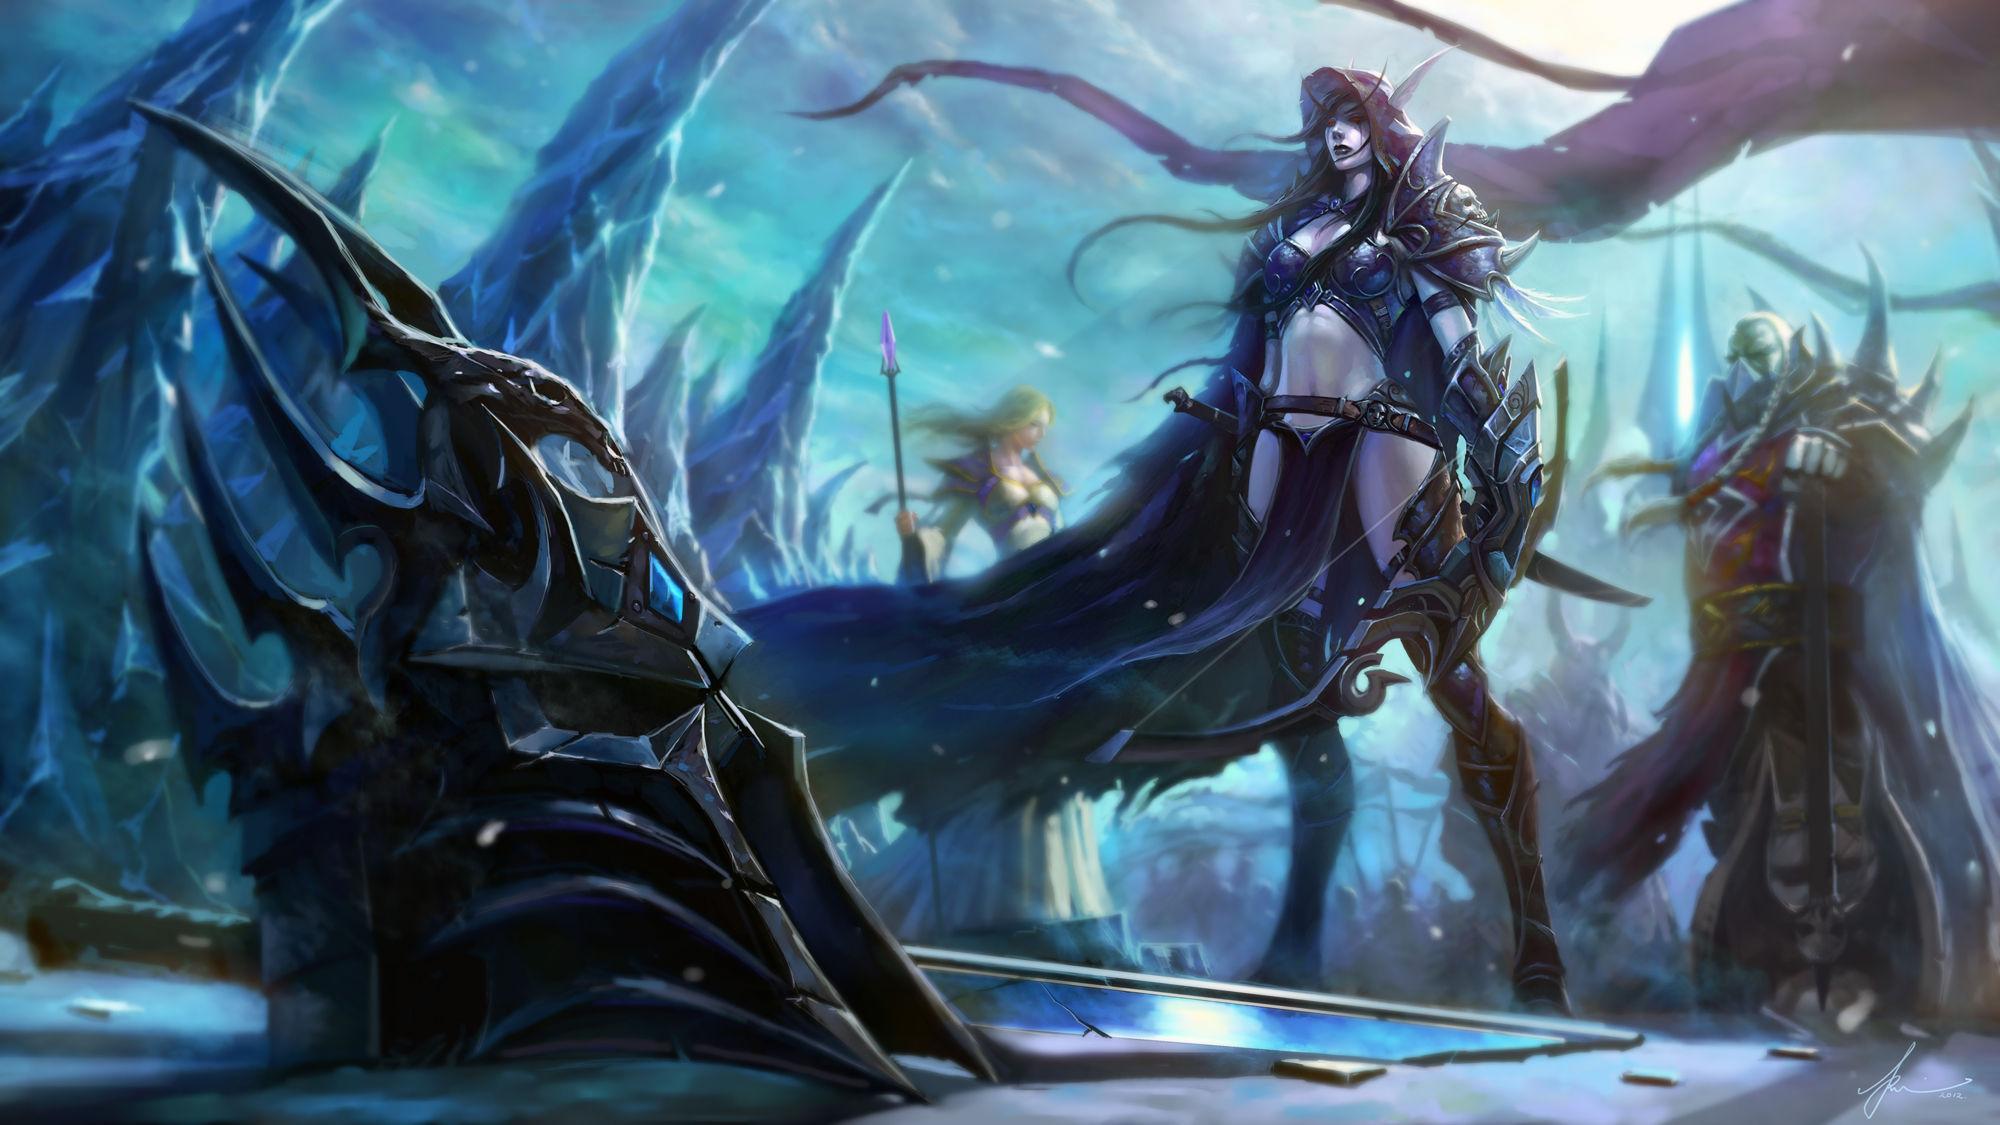 Tirion destruye Frostmourne, Arthas muere y Terenas II revive a los campeones pero, ¿qué es lo que ocurre después?